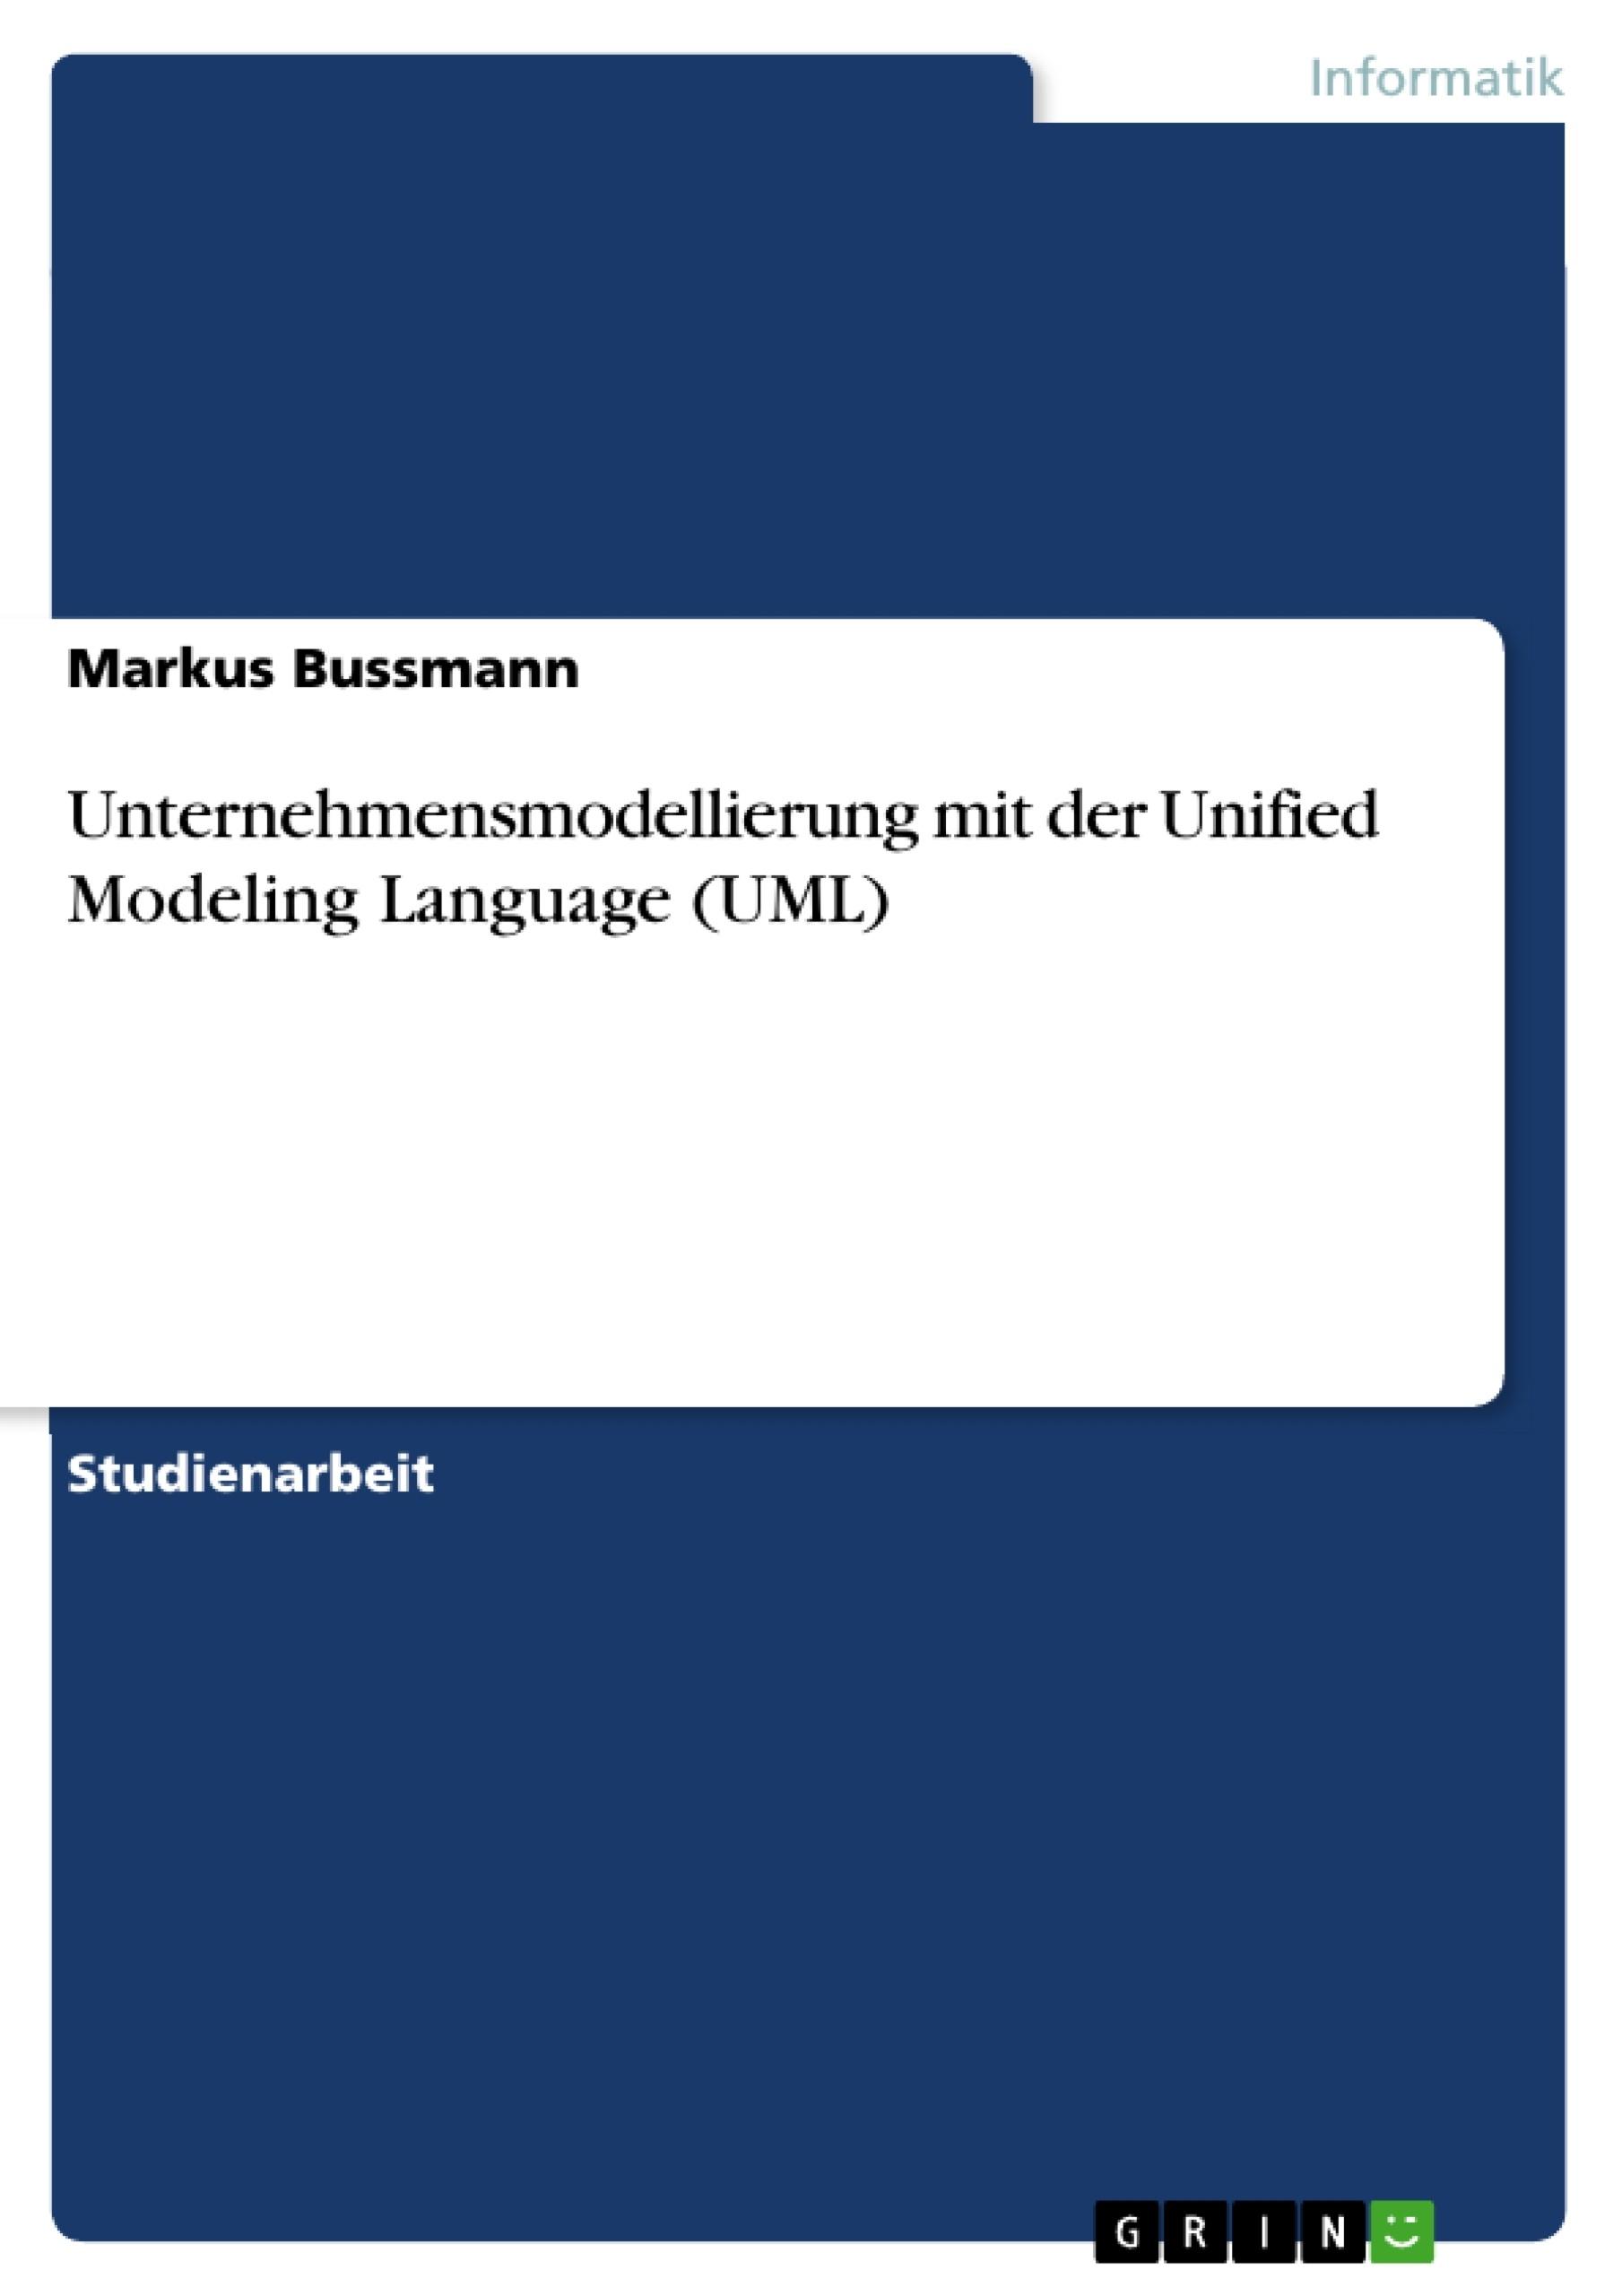 Titel: Unternehmensmodellierung mit der Unified Modeling Language (UML)